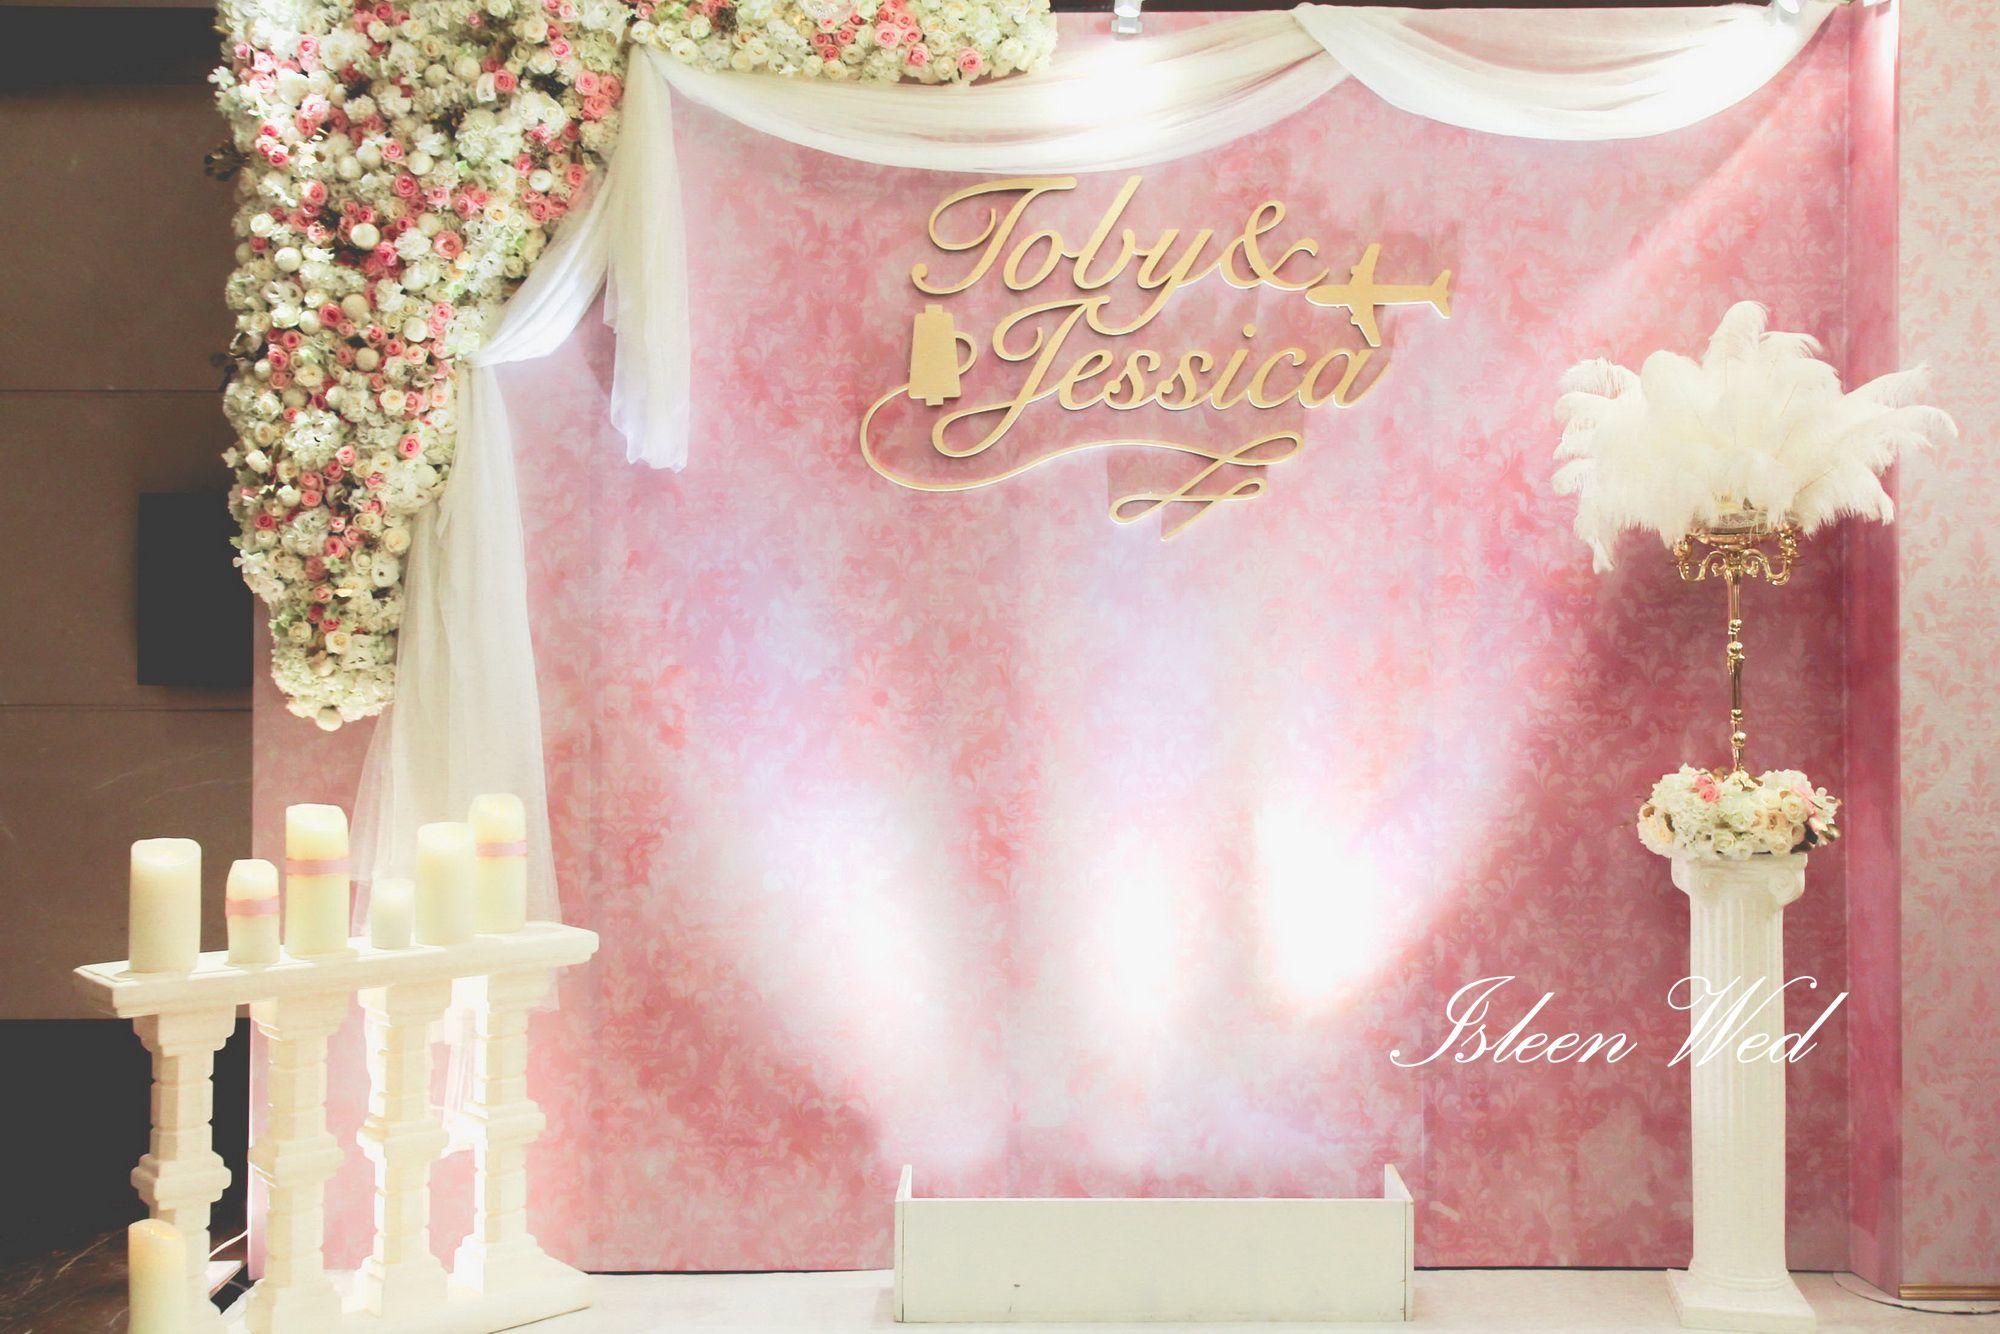 愛絲琳創意婚禮 一站式完美婚禮 isleenwed isleenwed.com/ Floral design wedding decorations 婚禮布置 空間設計 花藝設計 ...